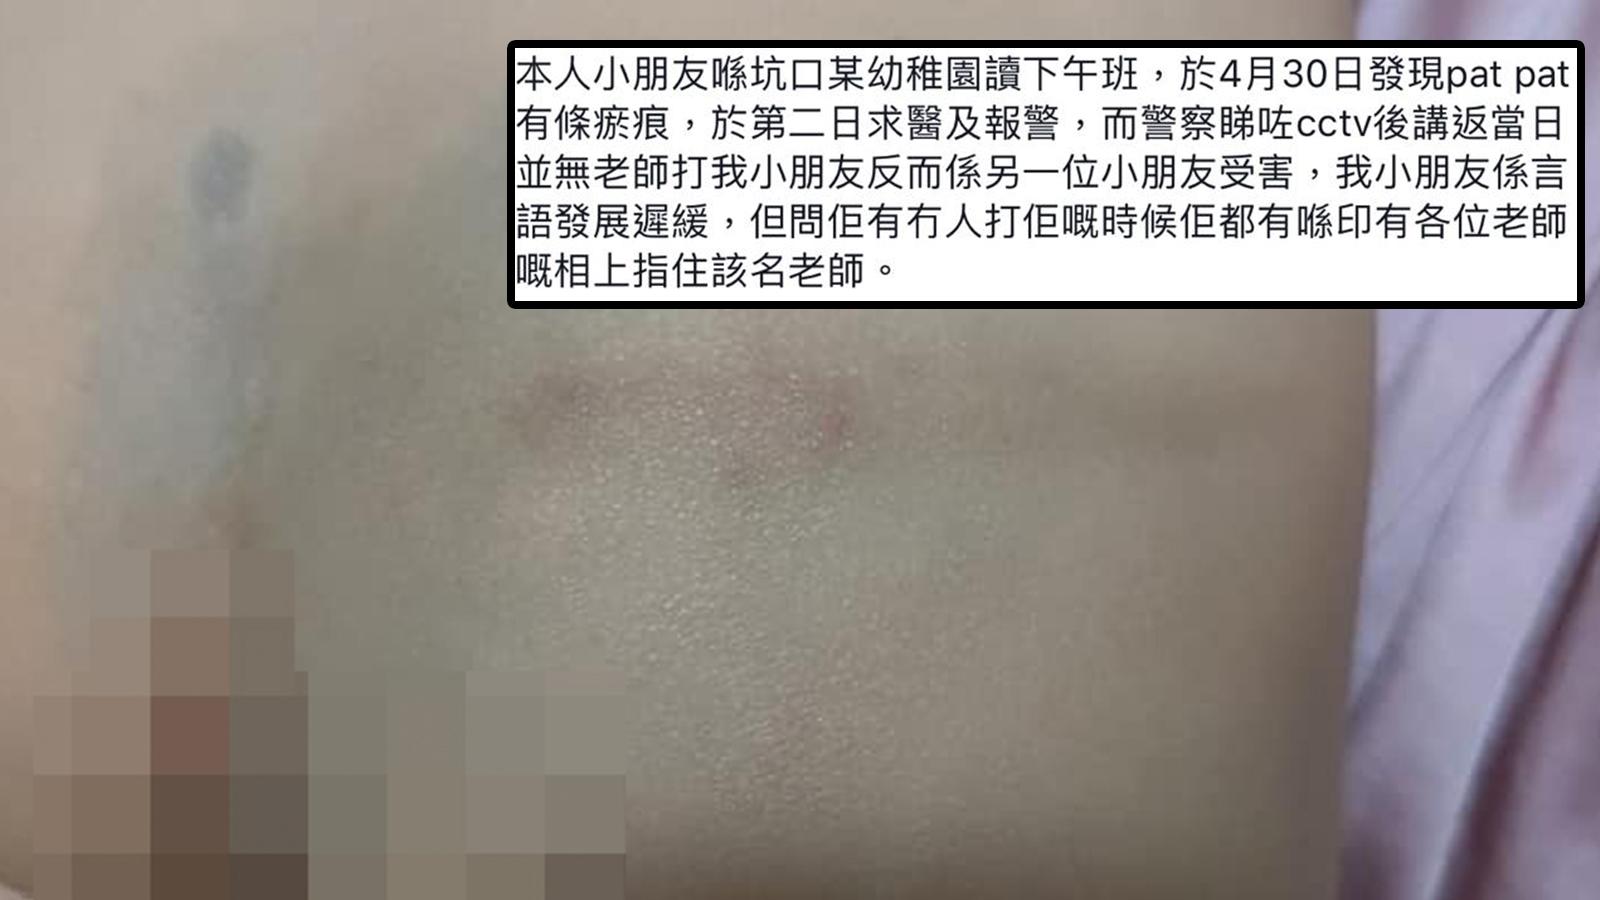 兒子屁股有瘀痕 媽媽質疑幼稚園老師所為報警處理